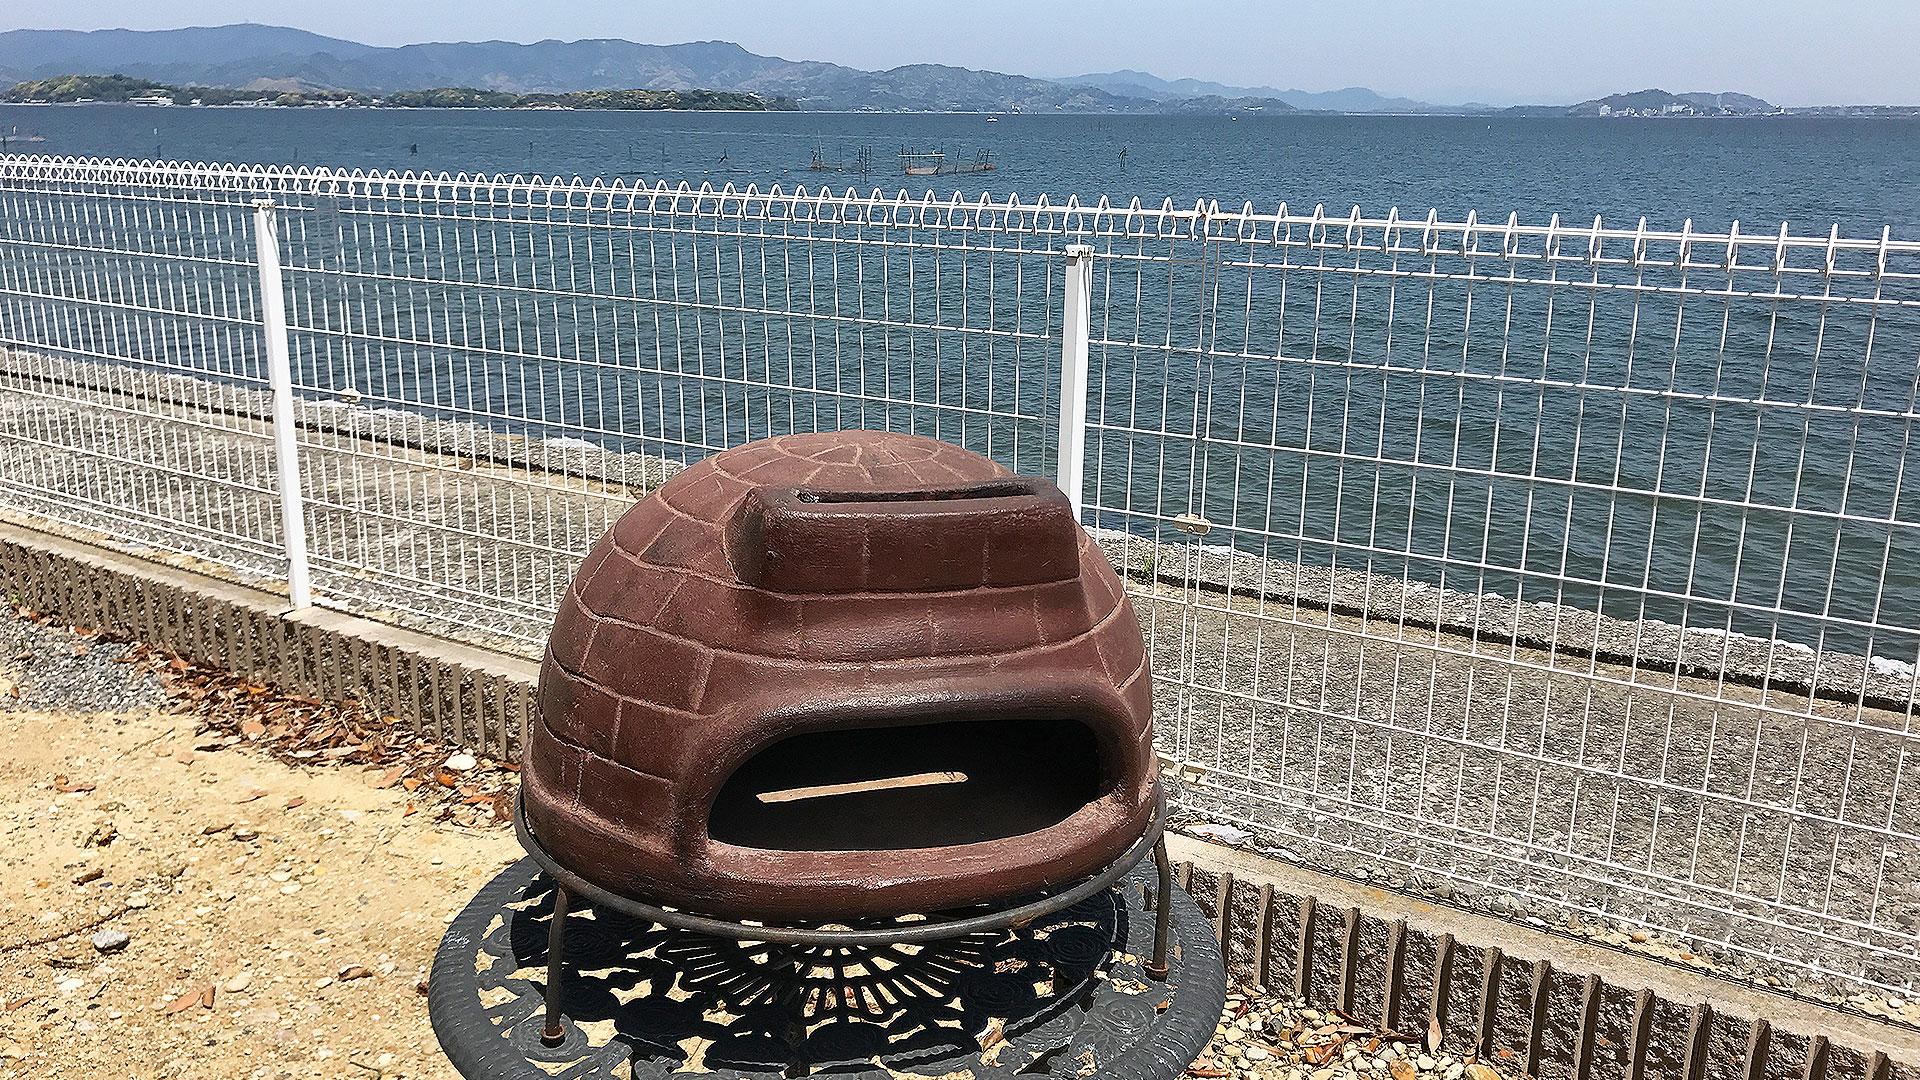 ピザ窯とBBQを海にて